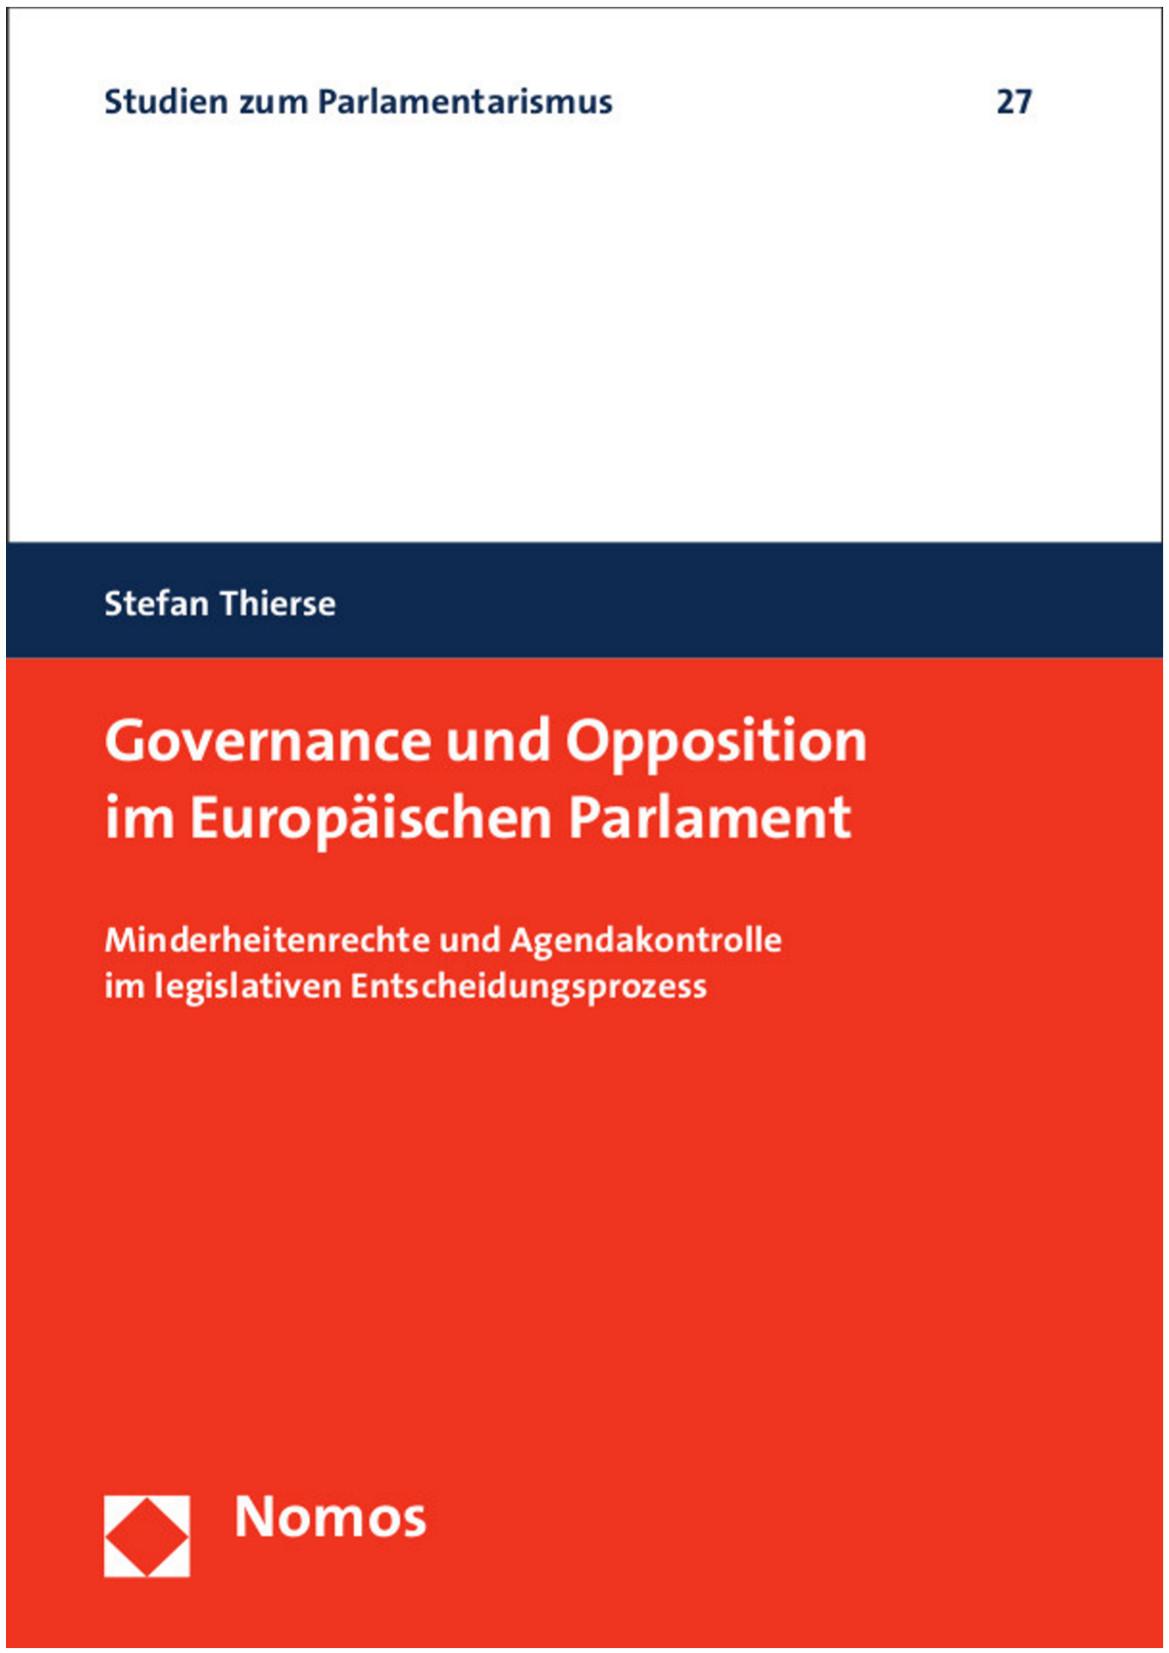 Governance und Opposition